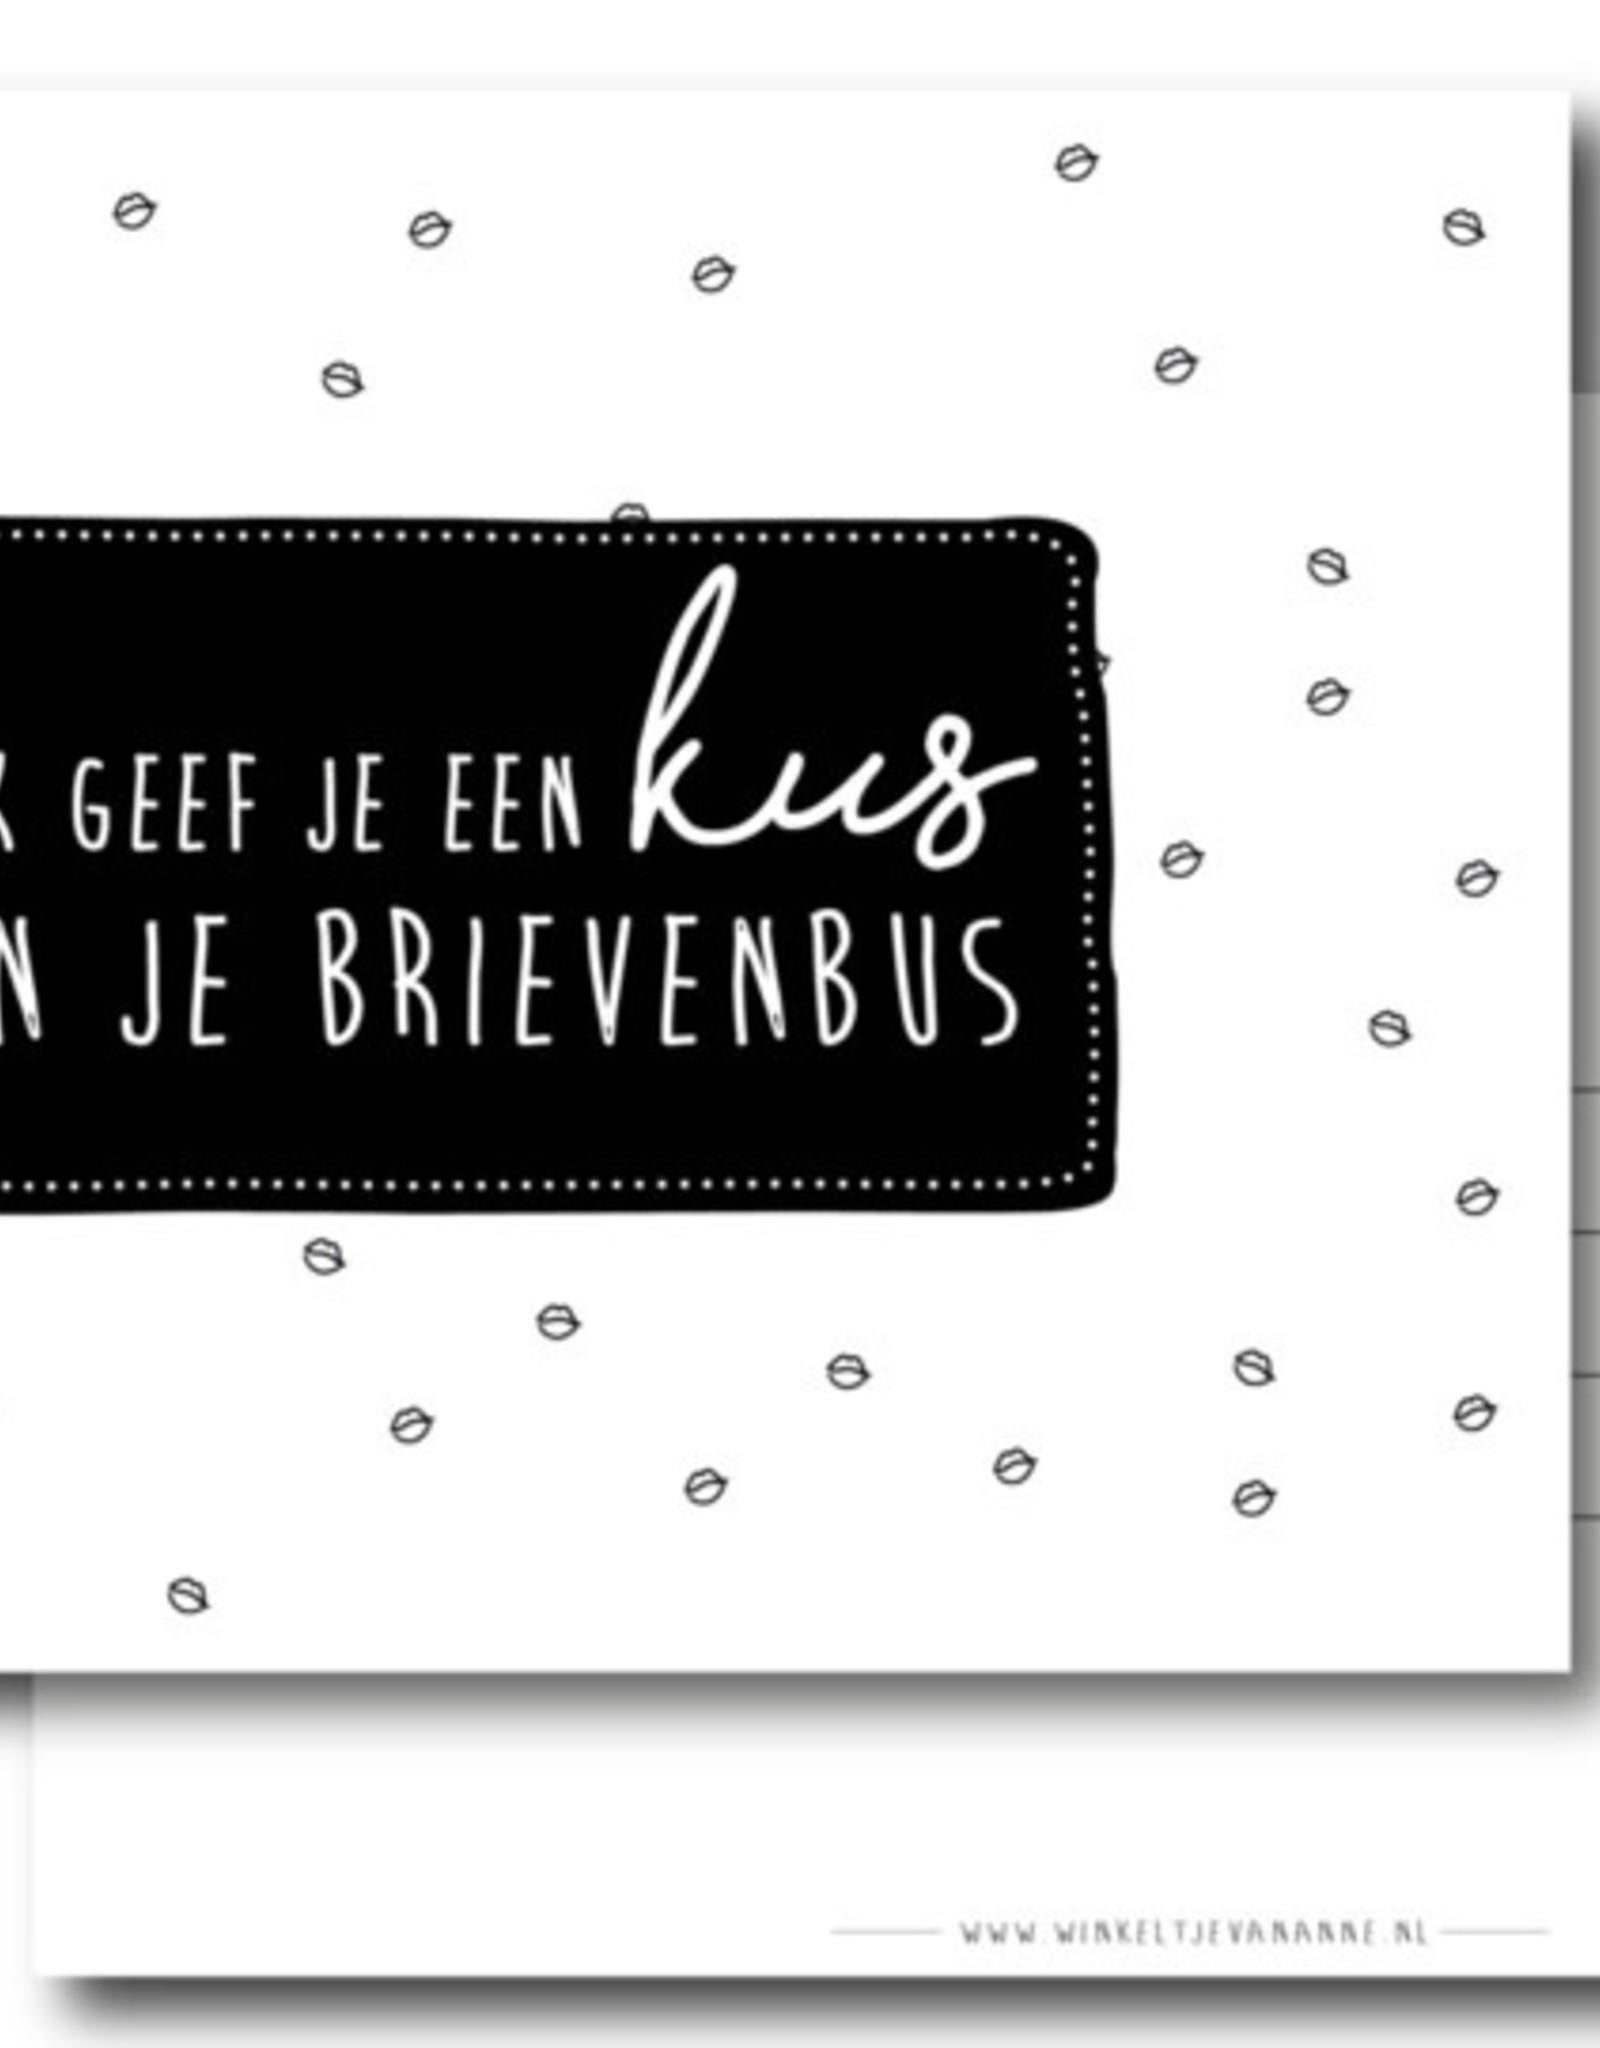 Winkeltje van Anne kaart a6 winkeltje van anne: ik geef je een kus in je brievenbus